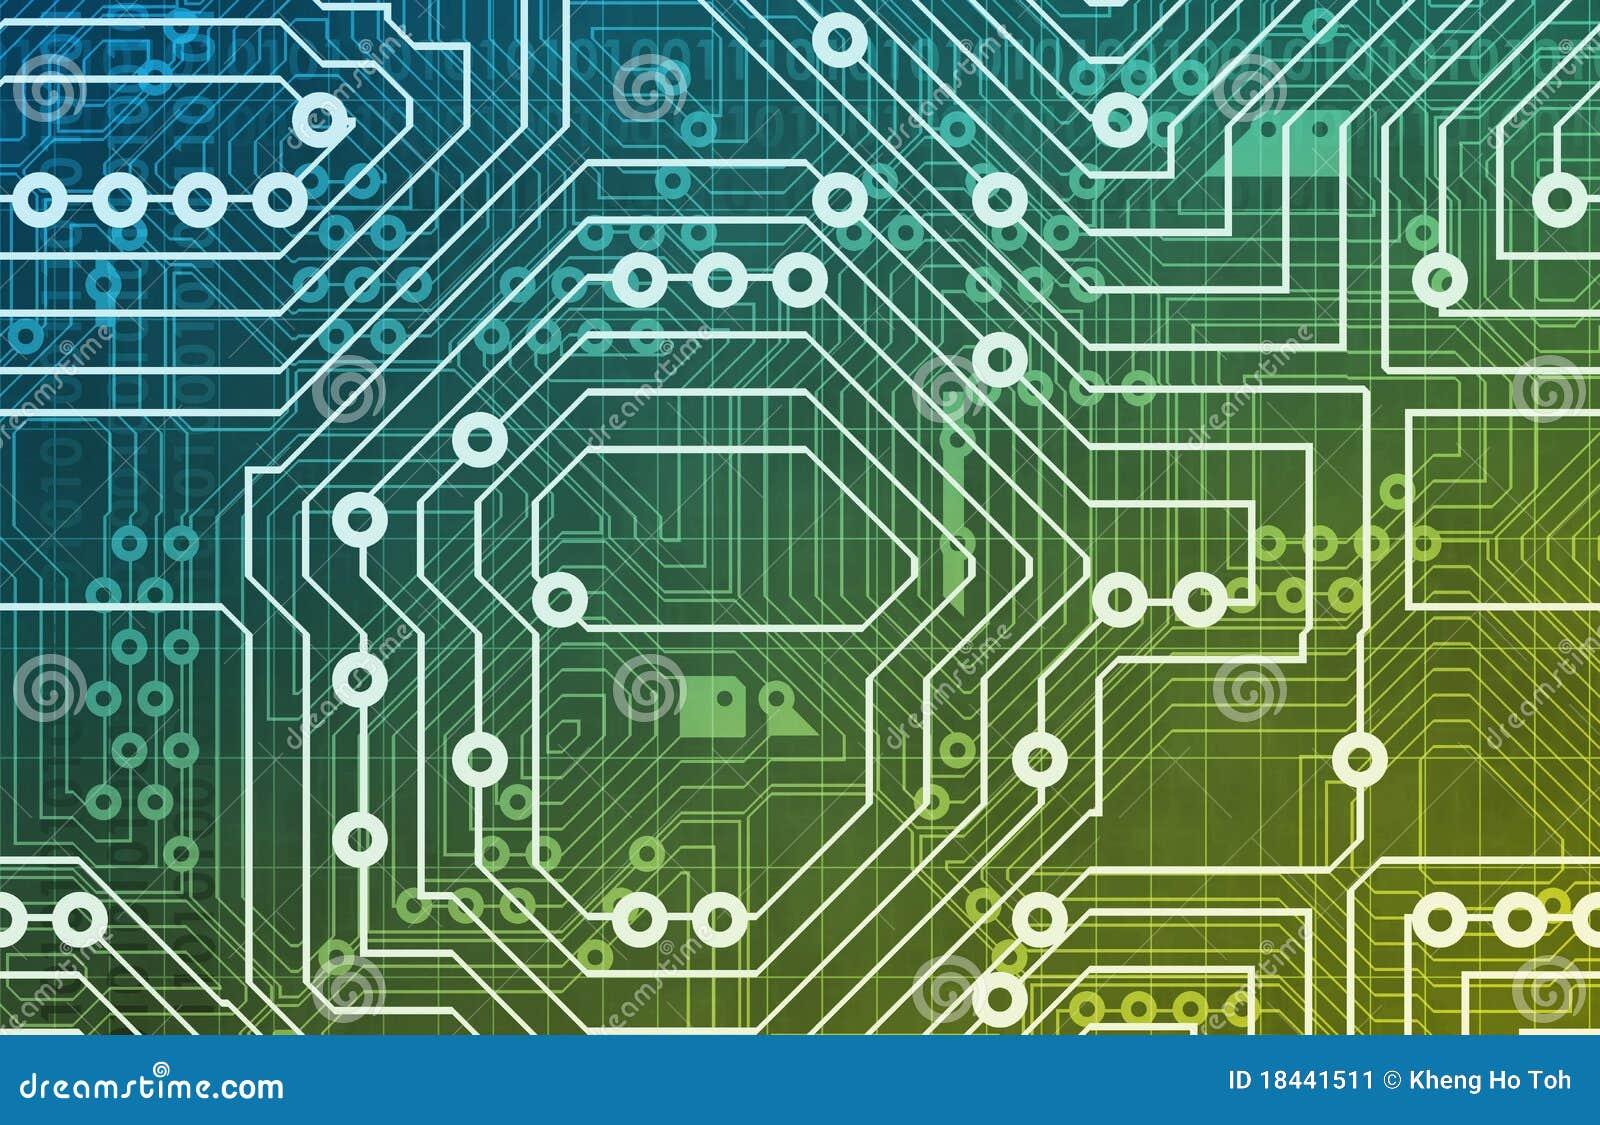 Circuitos de ordenador